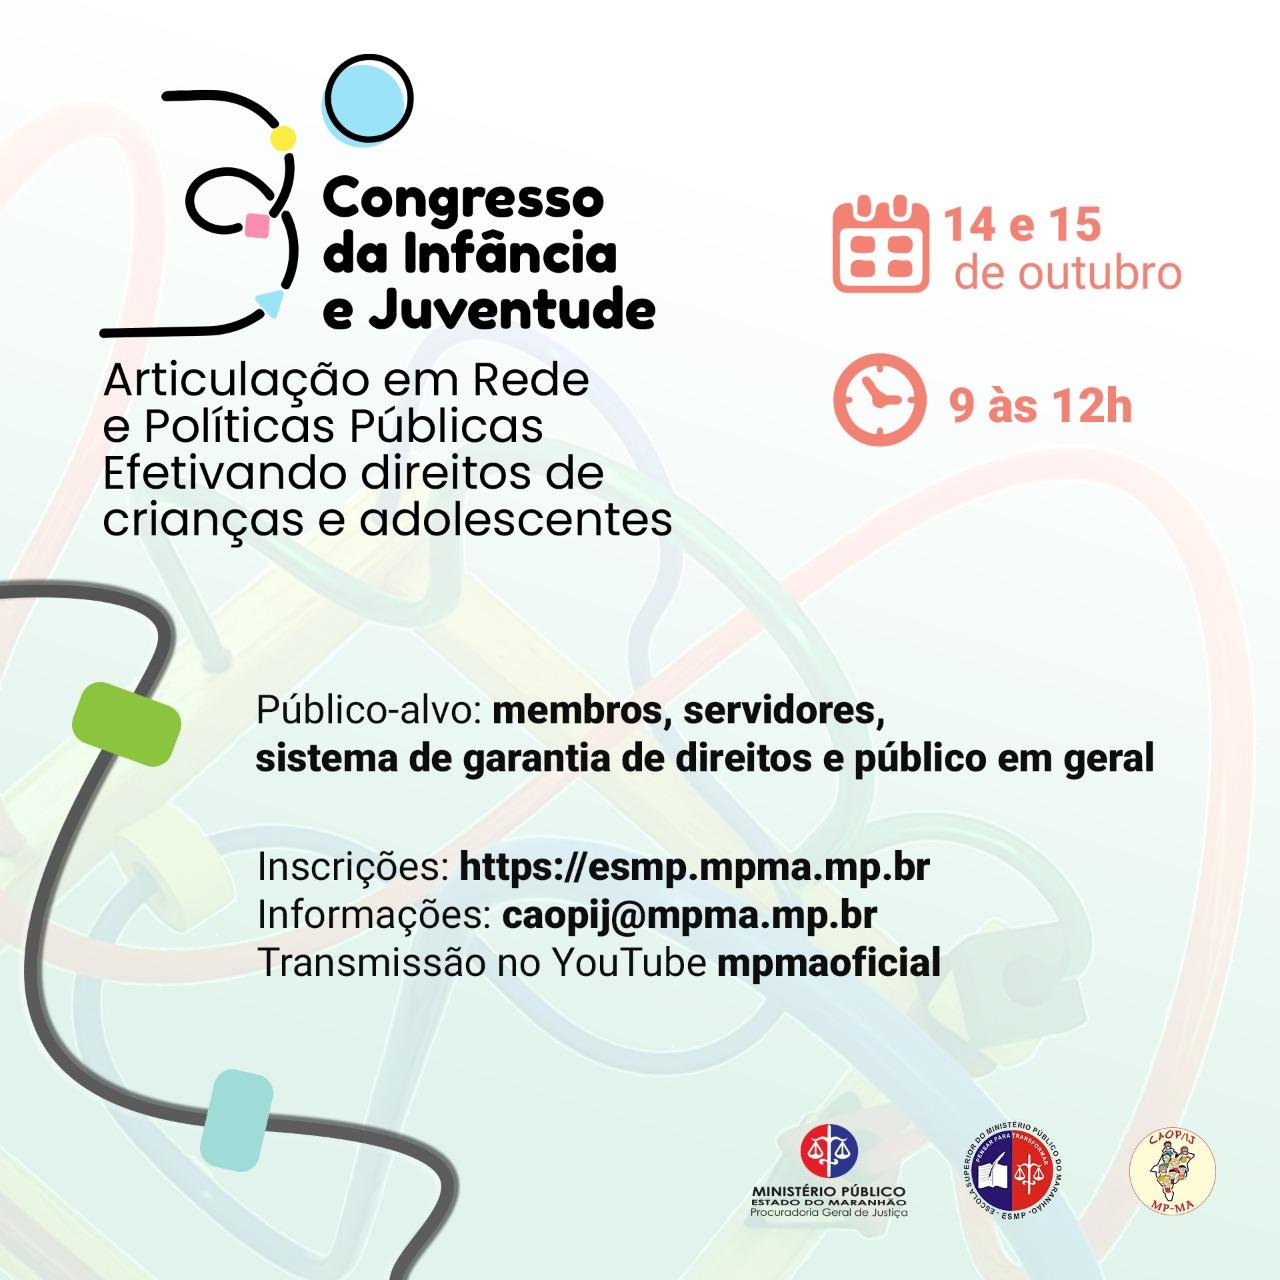 """III Congresso da Infância e Juventude do CAOp/IJ MPMA: """"Articulação em Rede e Políticas Públicas"""""""